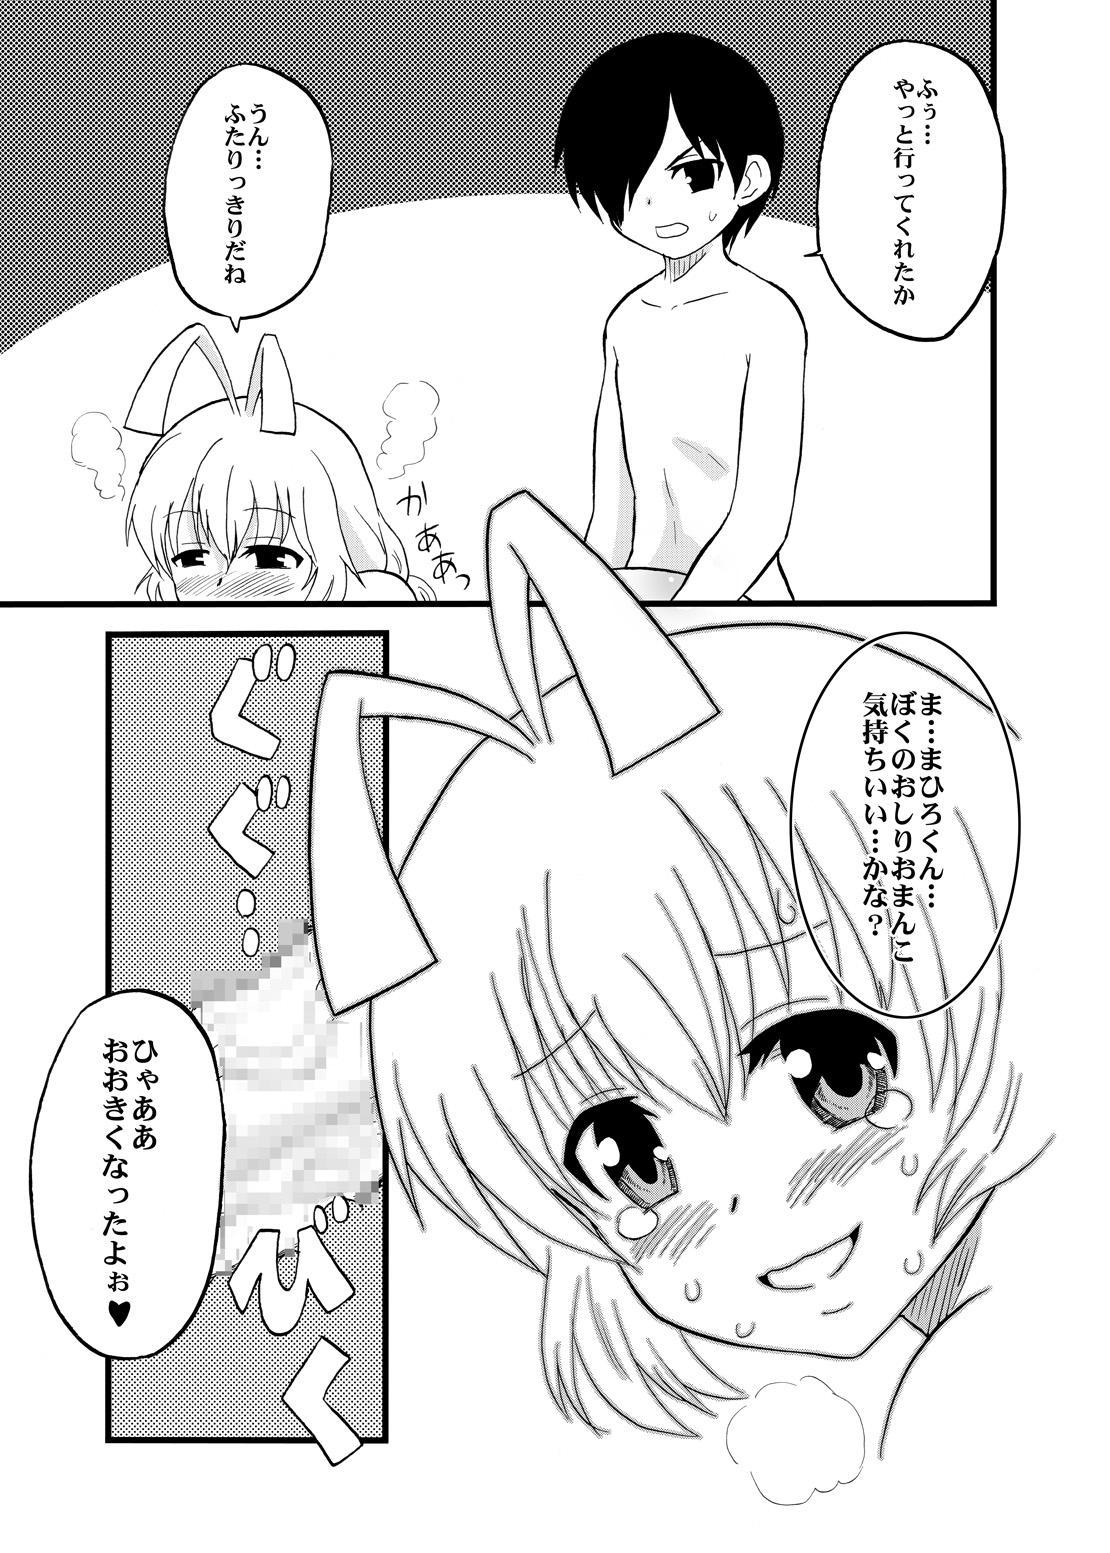 Mahiro-kun to Oshiri Sex shiteru Nyau 10